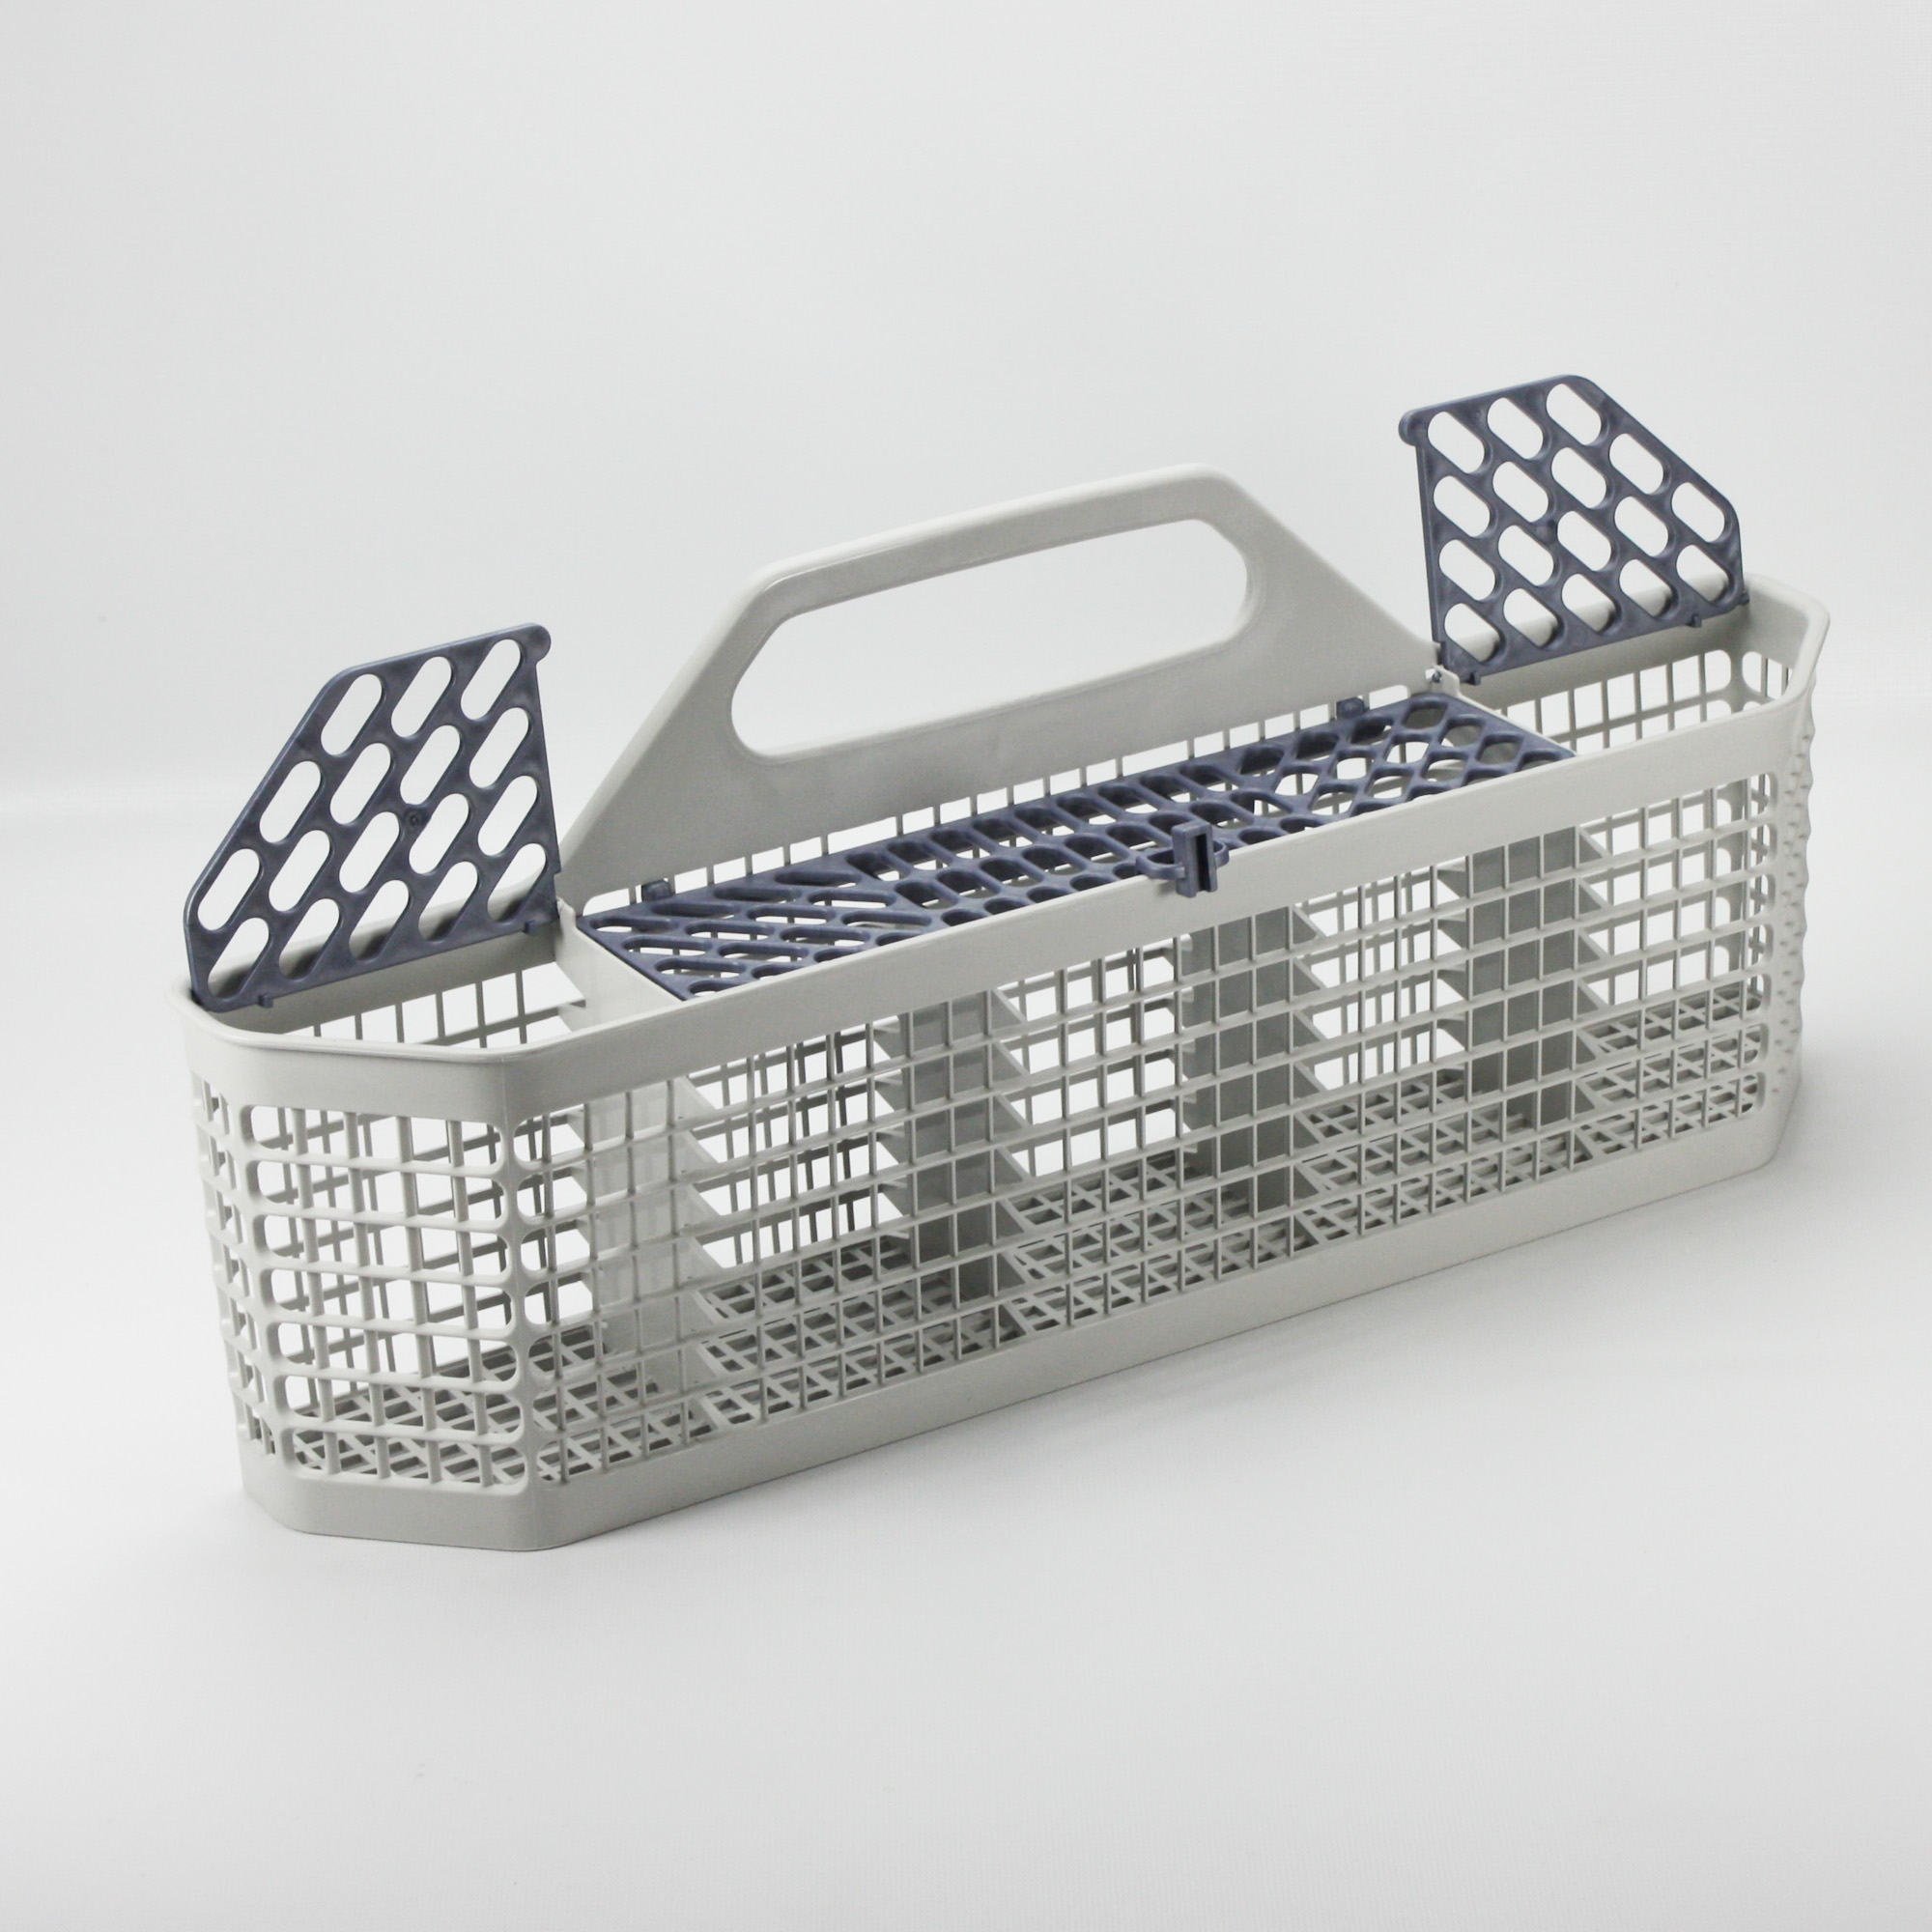 wd28x10177 ge dishwasher silverware basket ebay. Black Bedroom Furniture Sets. Home Design Ideas